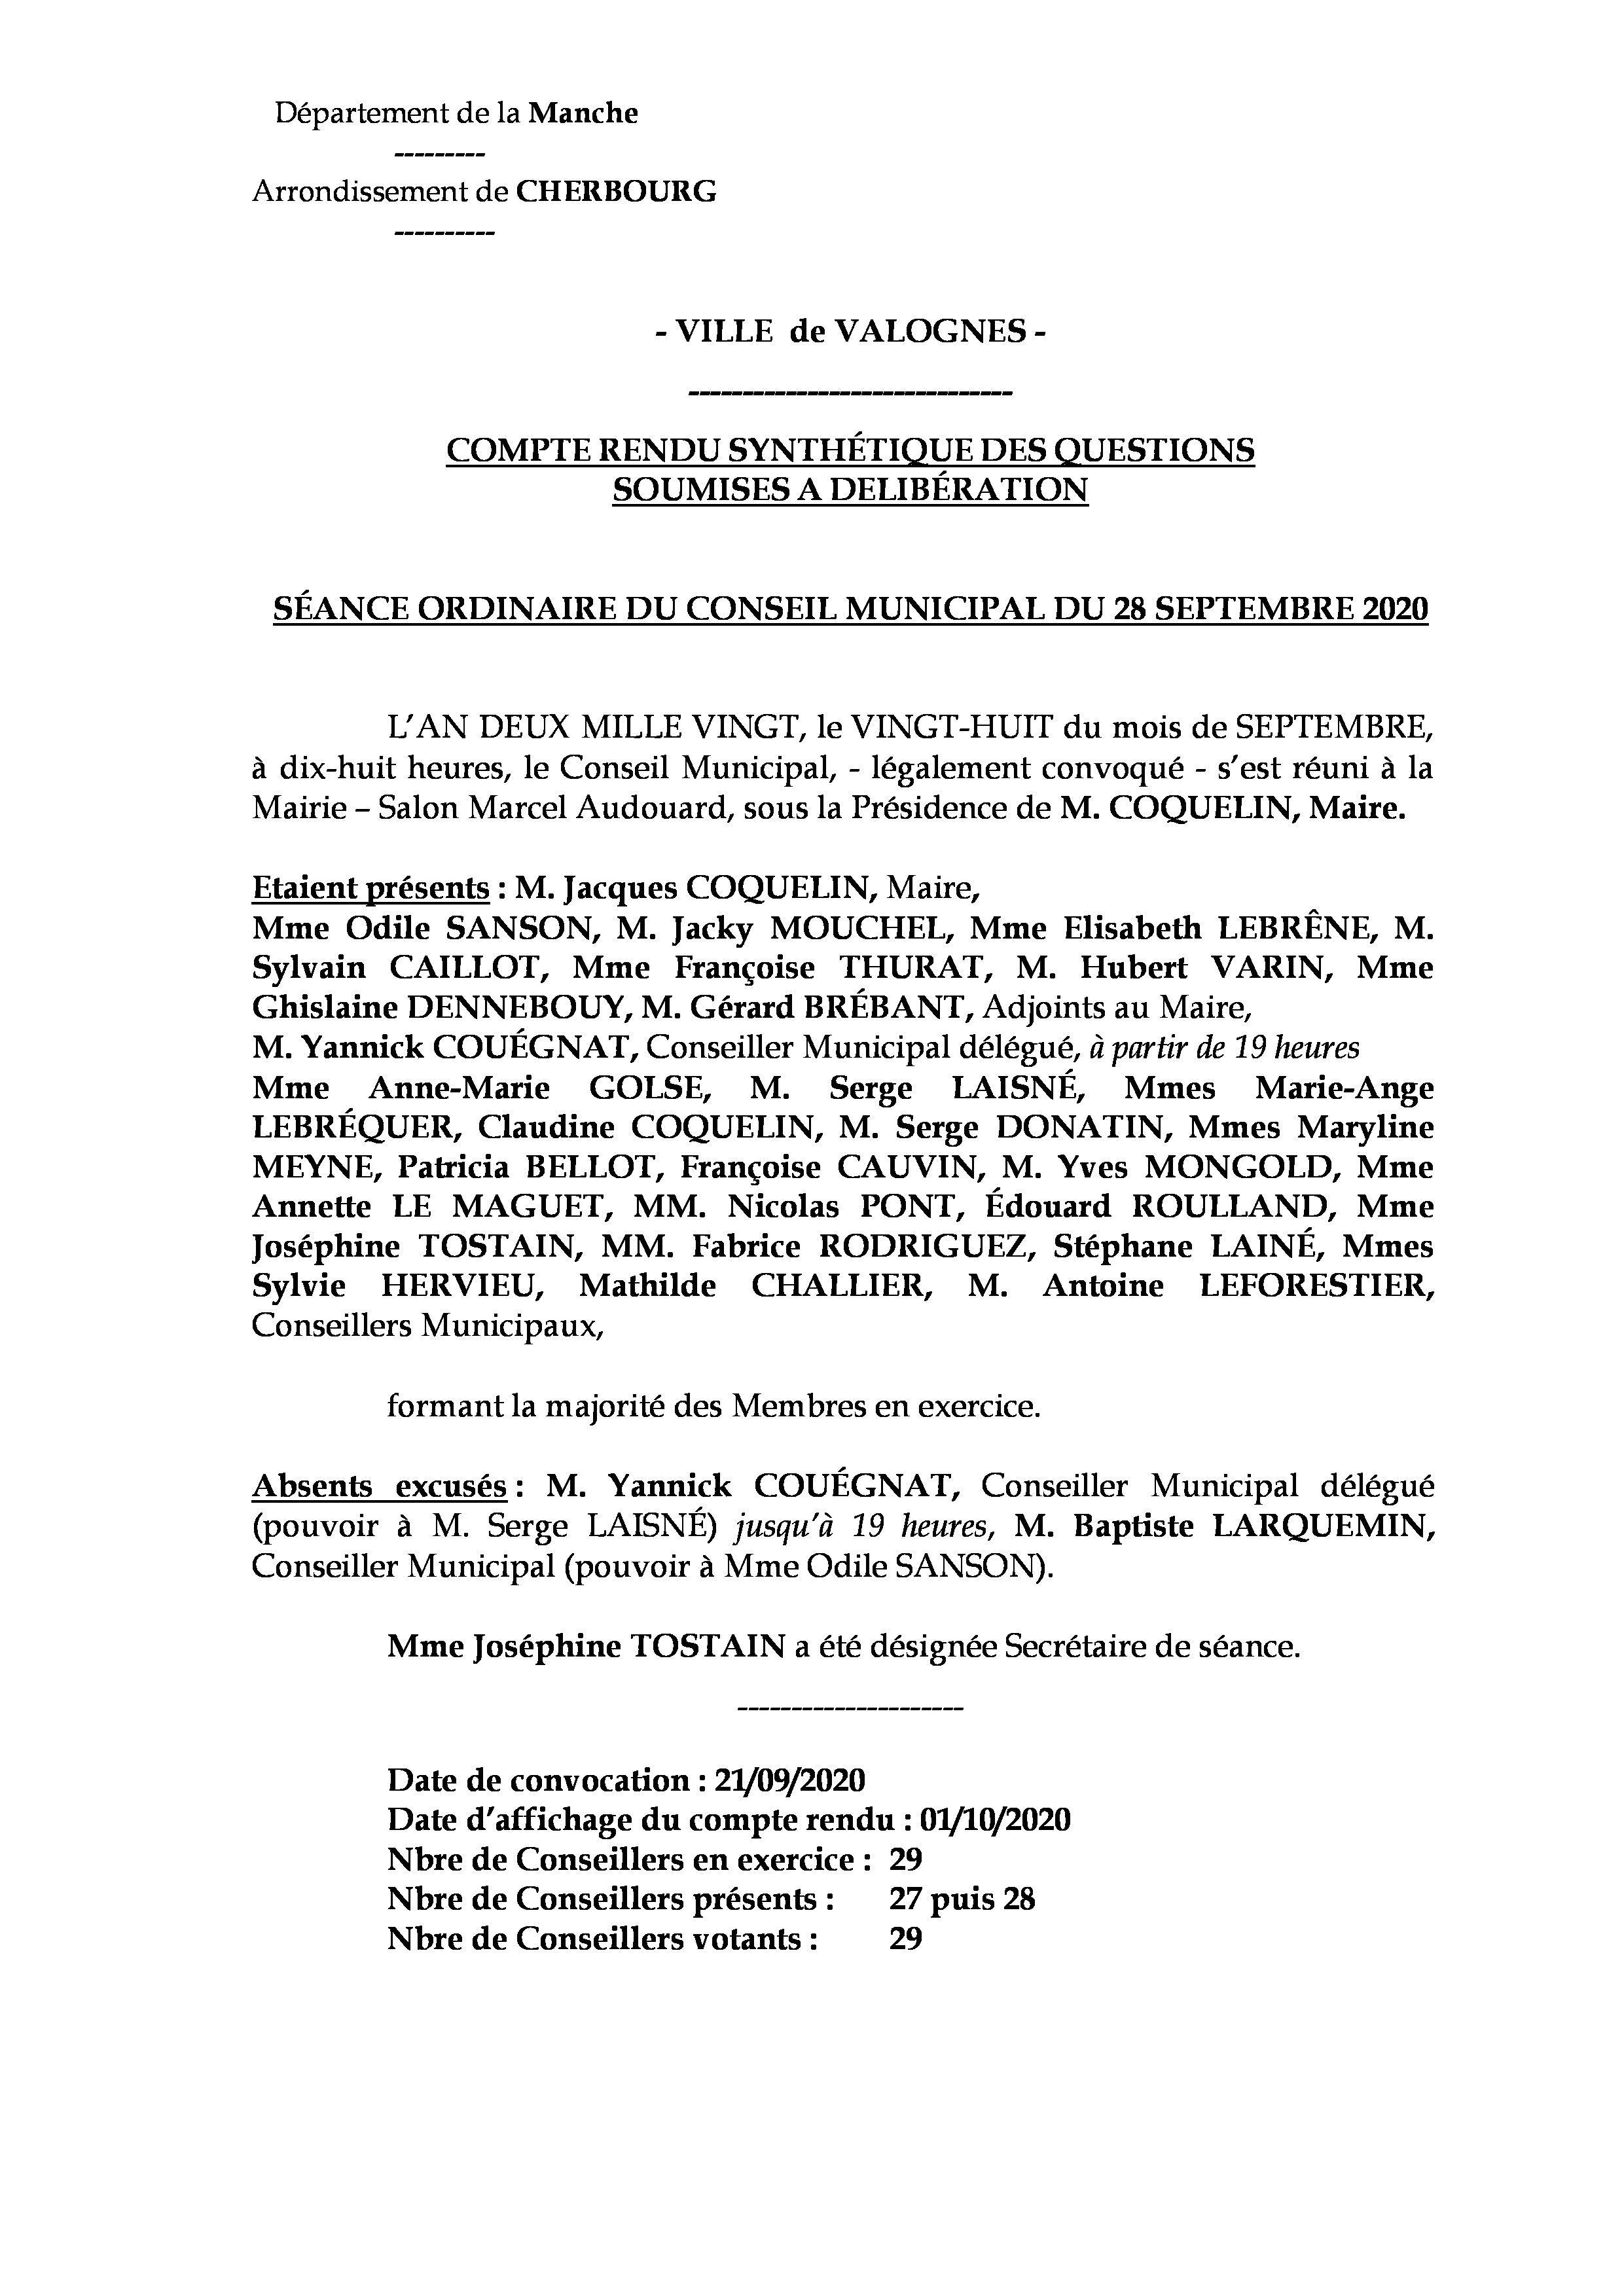 Compte rendu synthétique 28 09 20 - Compte rendu synthétique des questions soumises à délibération lors de la séance du 28 septembre 2020.